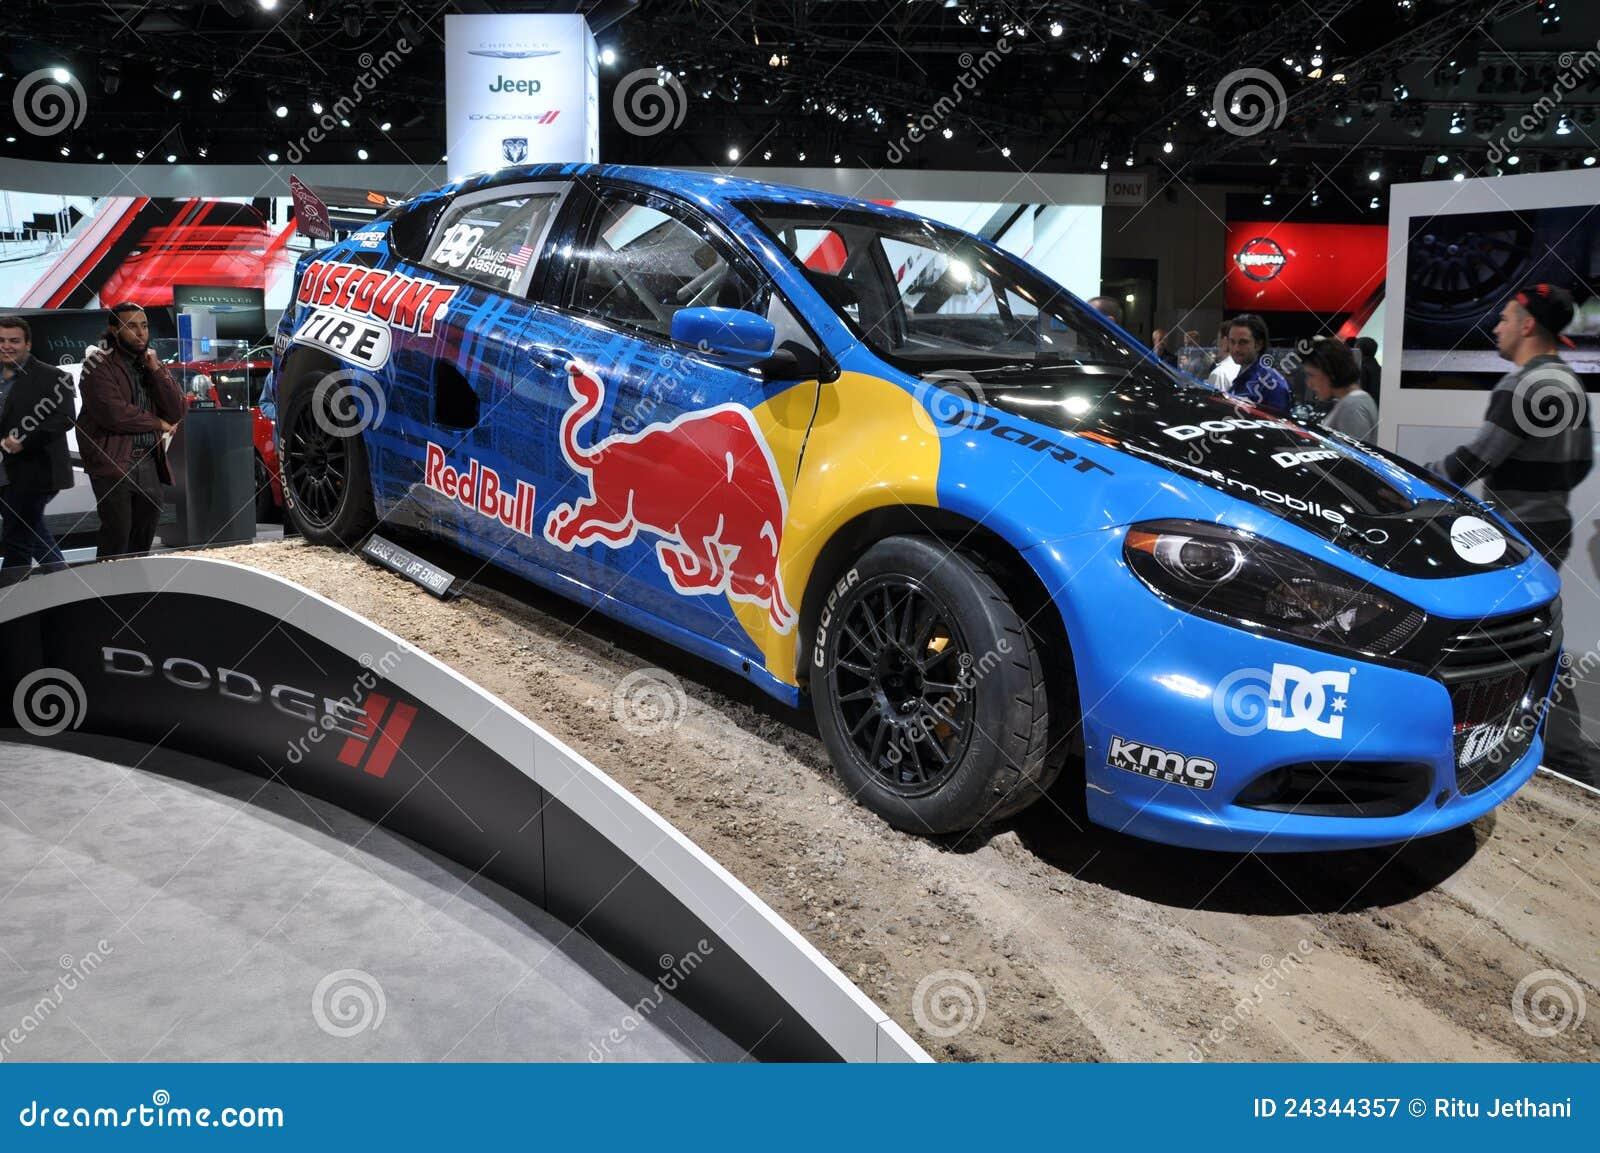 voiture de dodge red bull photographie ditorial image du sports 24344357. Black Bedroom Furniture Sets. Home Design Ideas